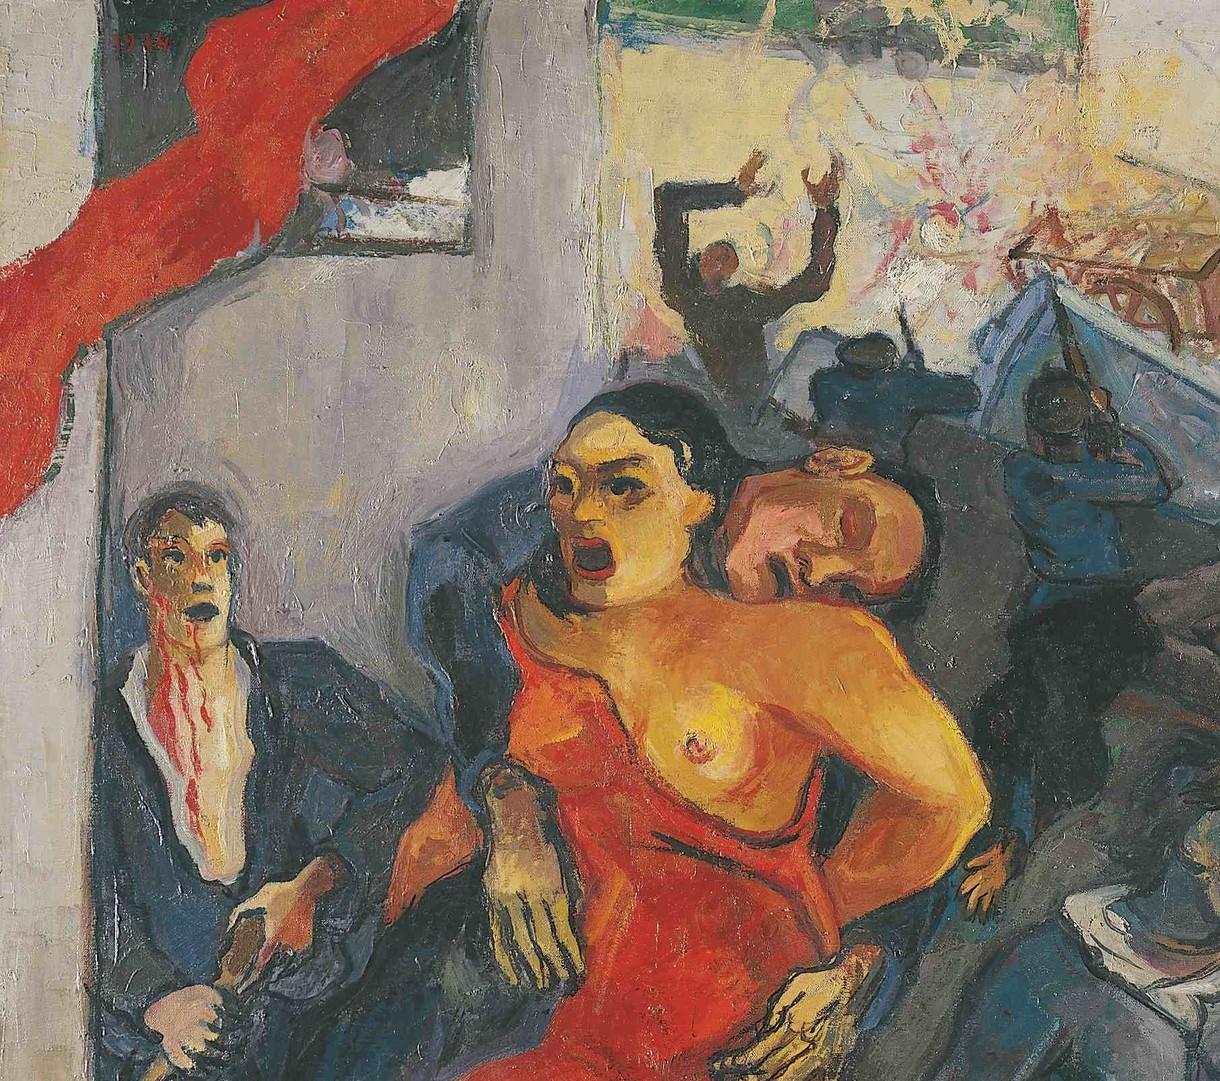 Gemälde, das flüchtende und verletzte Menschen zeigt.